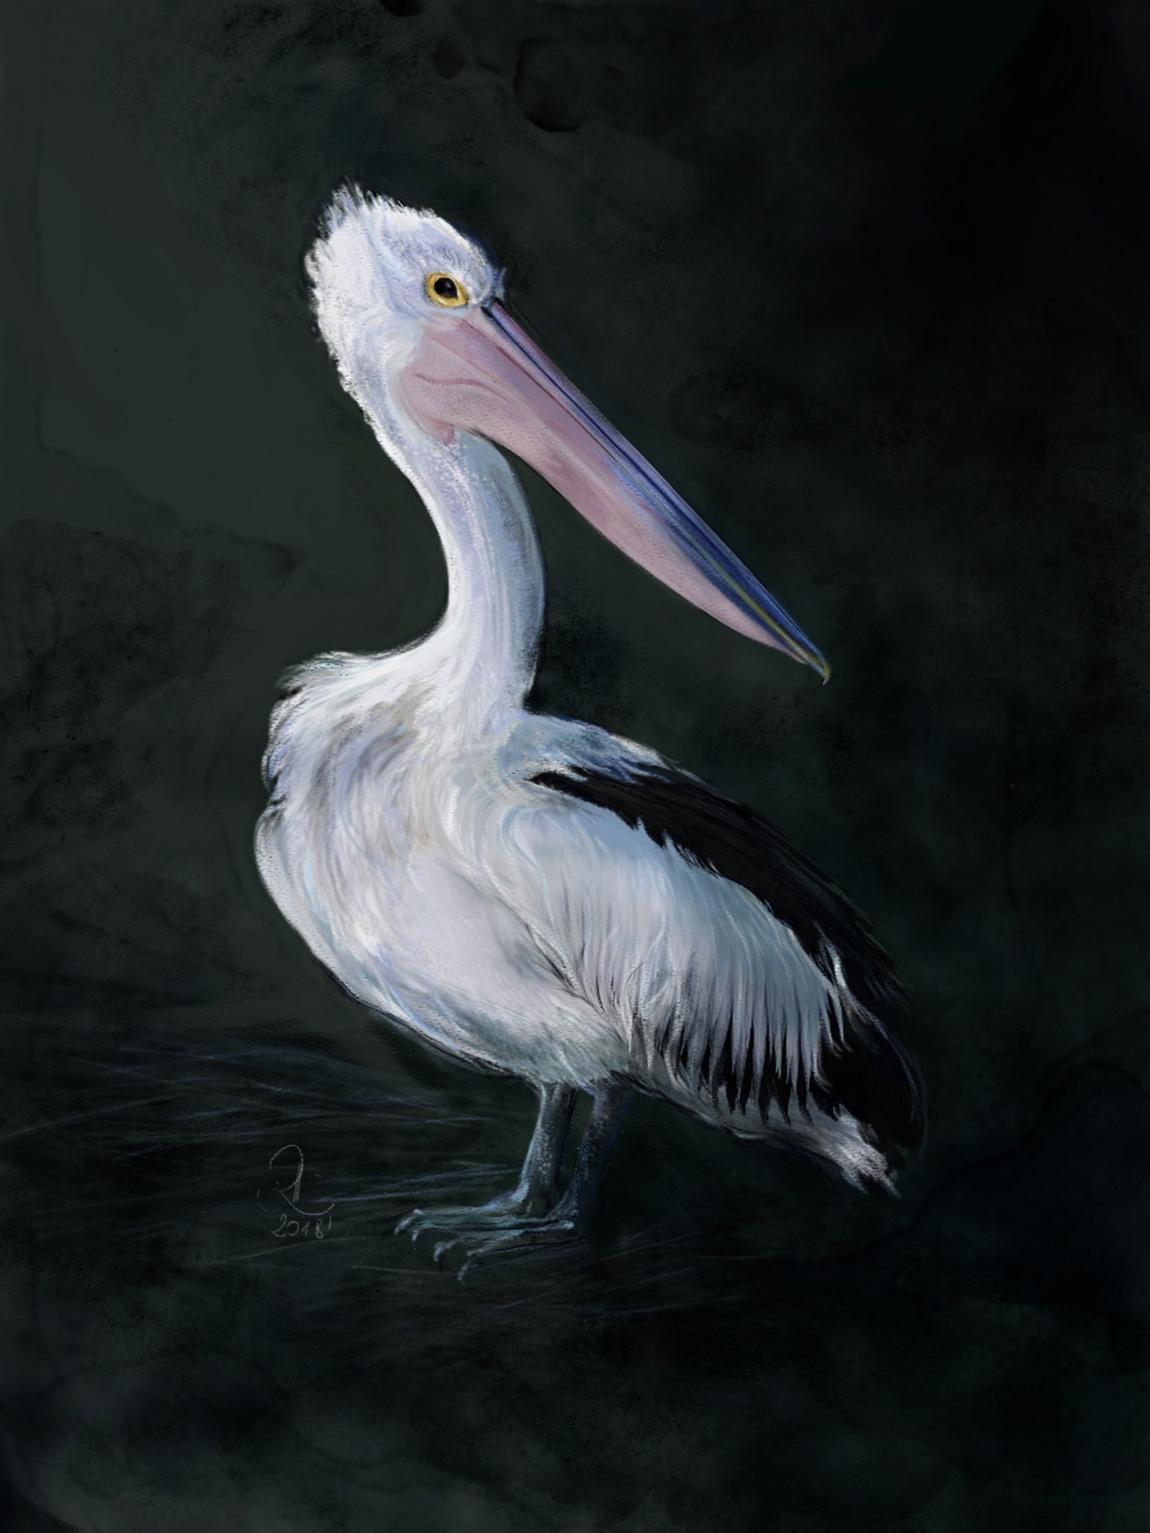 akaproject - Australian pelican